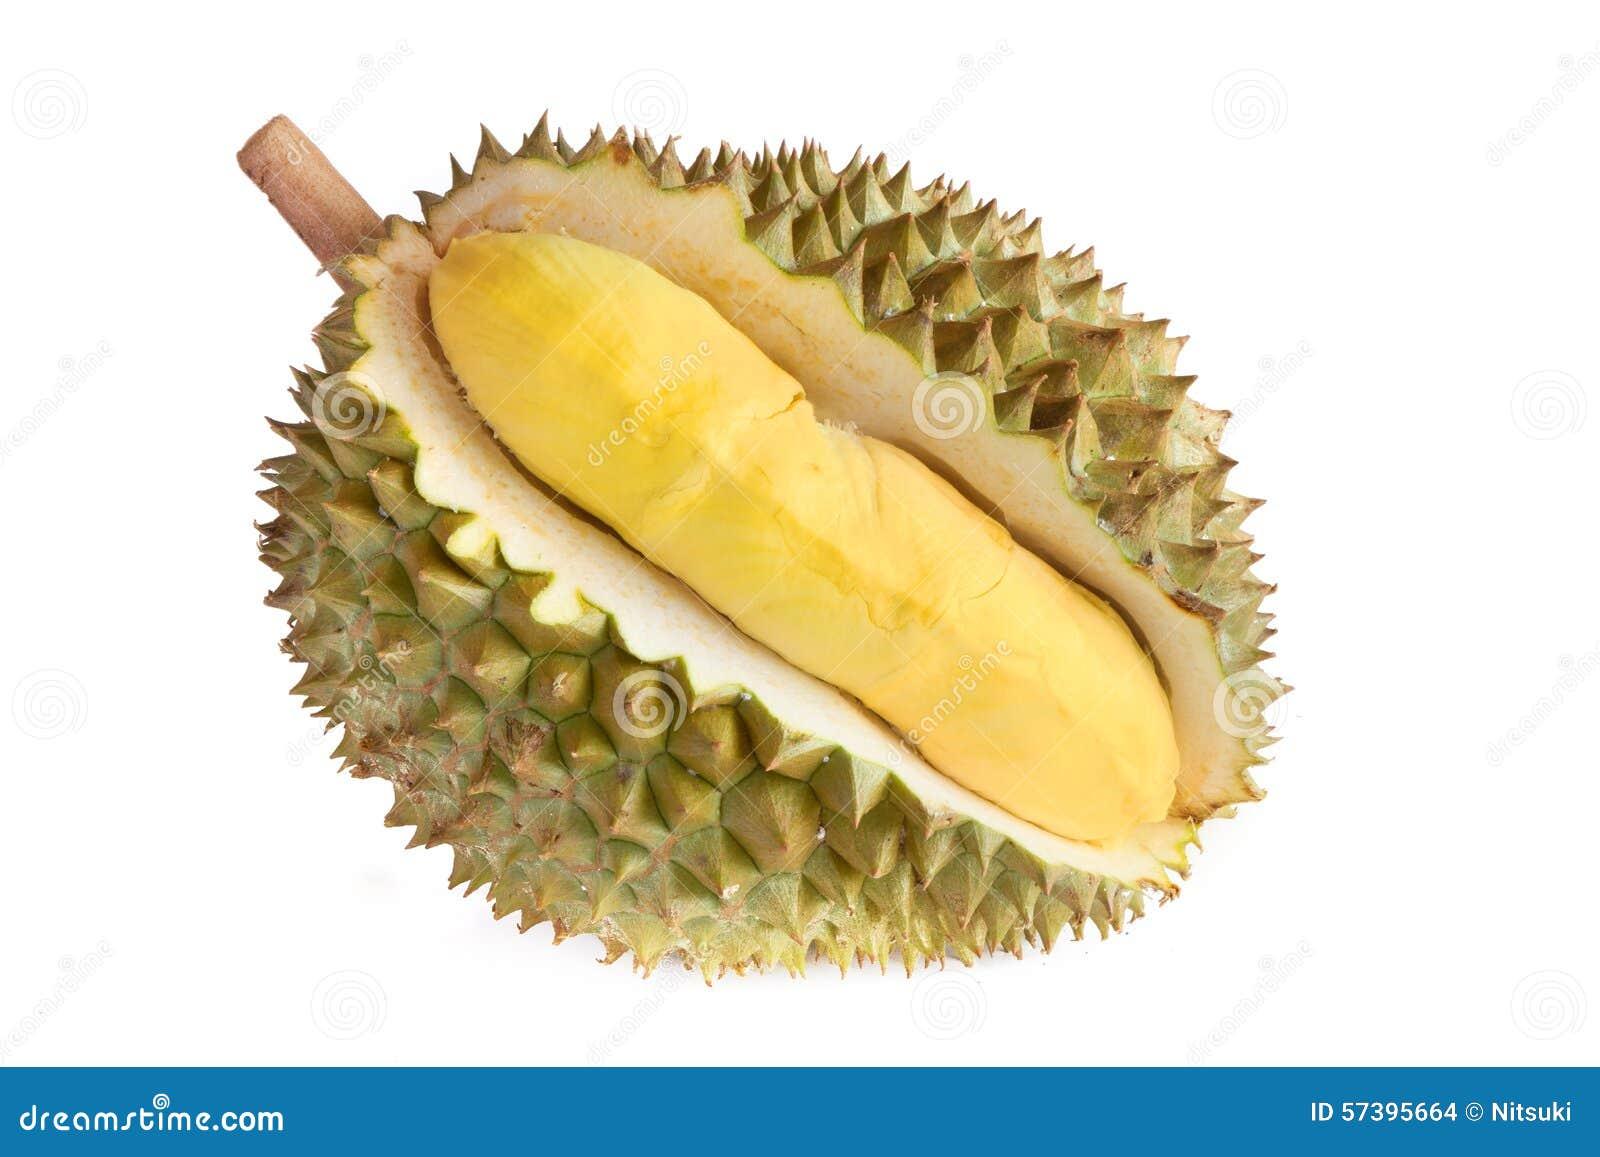 Geïsoleerd Durianfruit